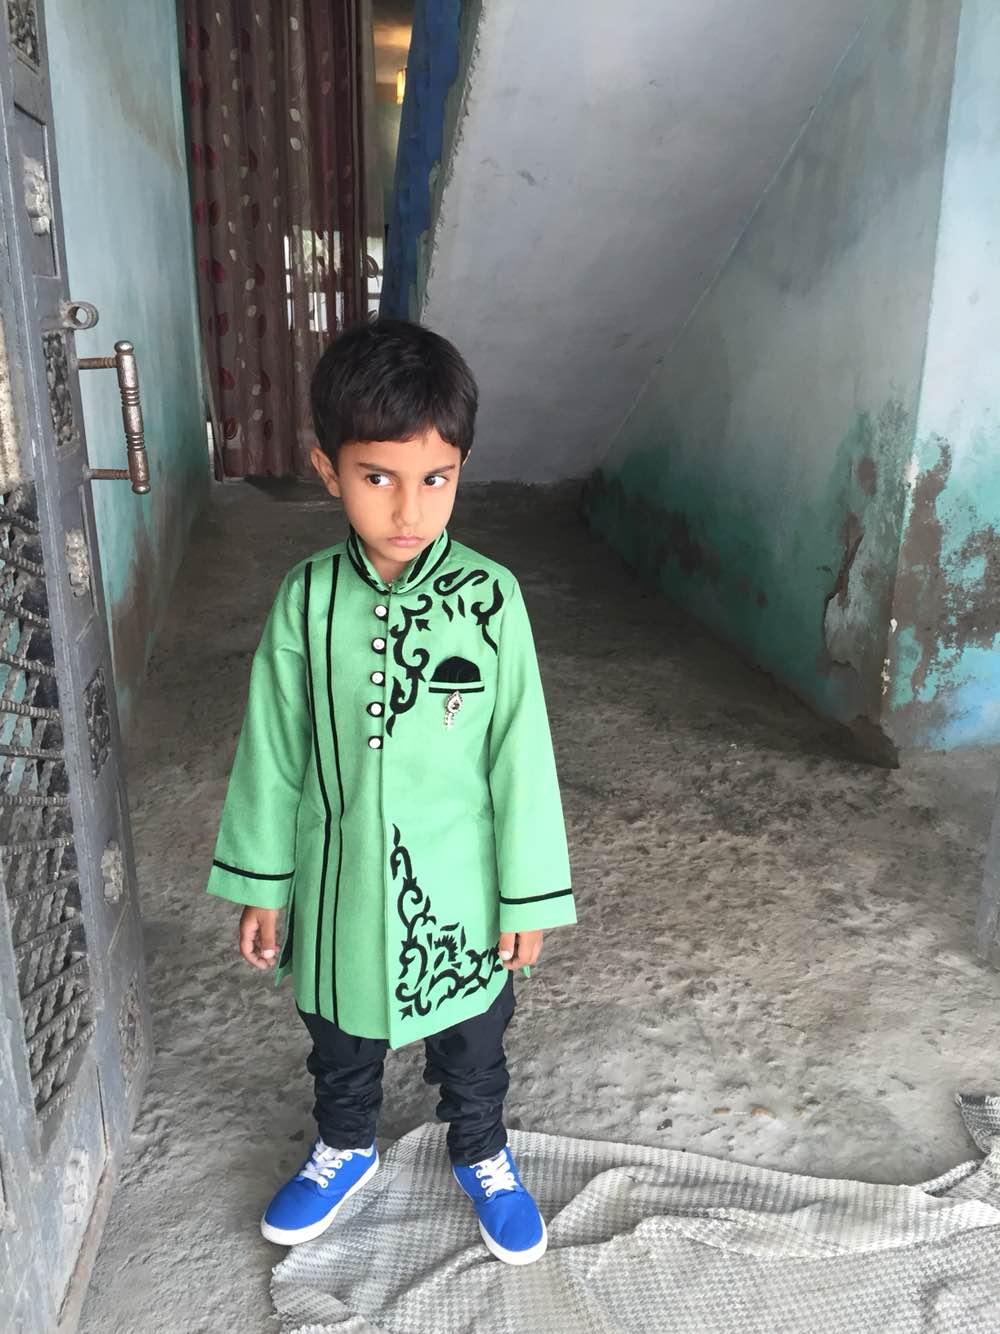 My bhanja